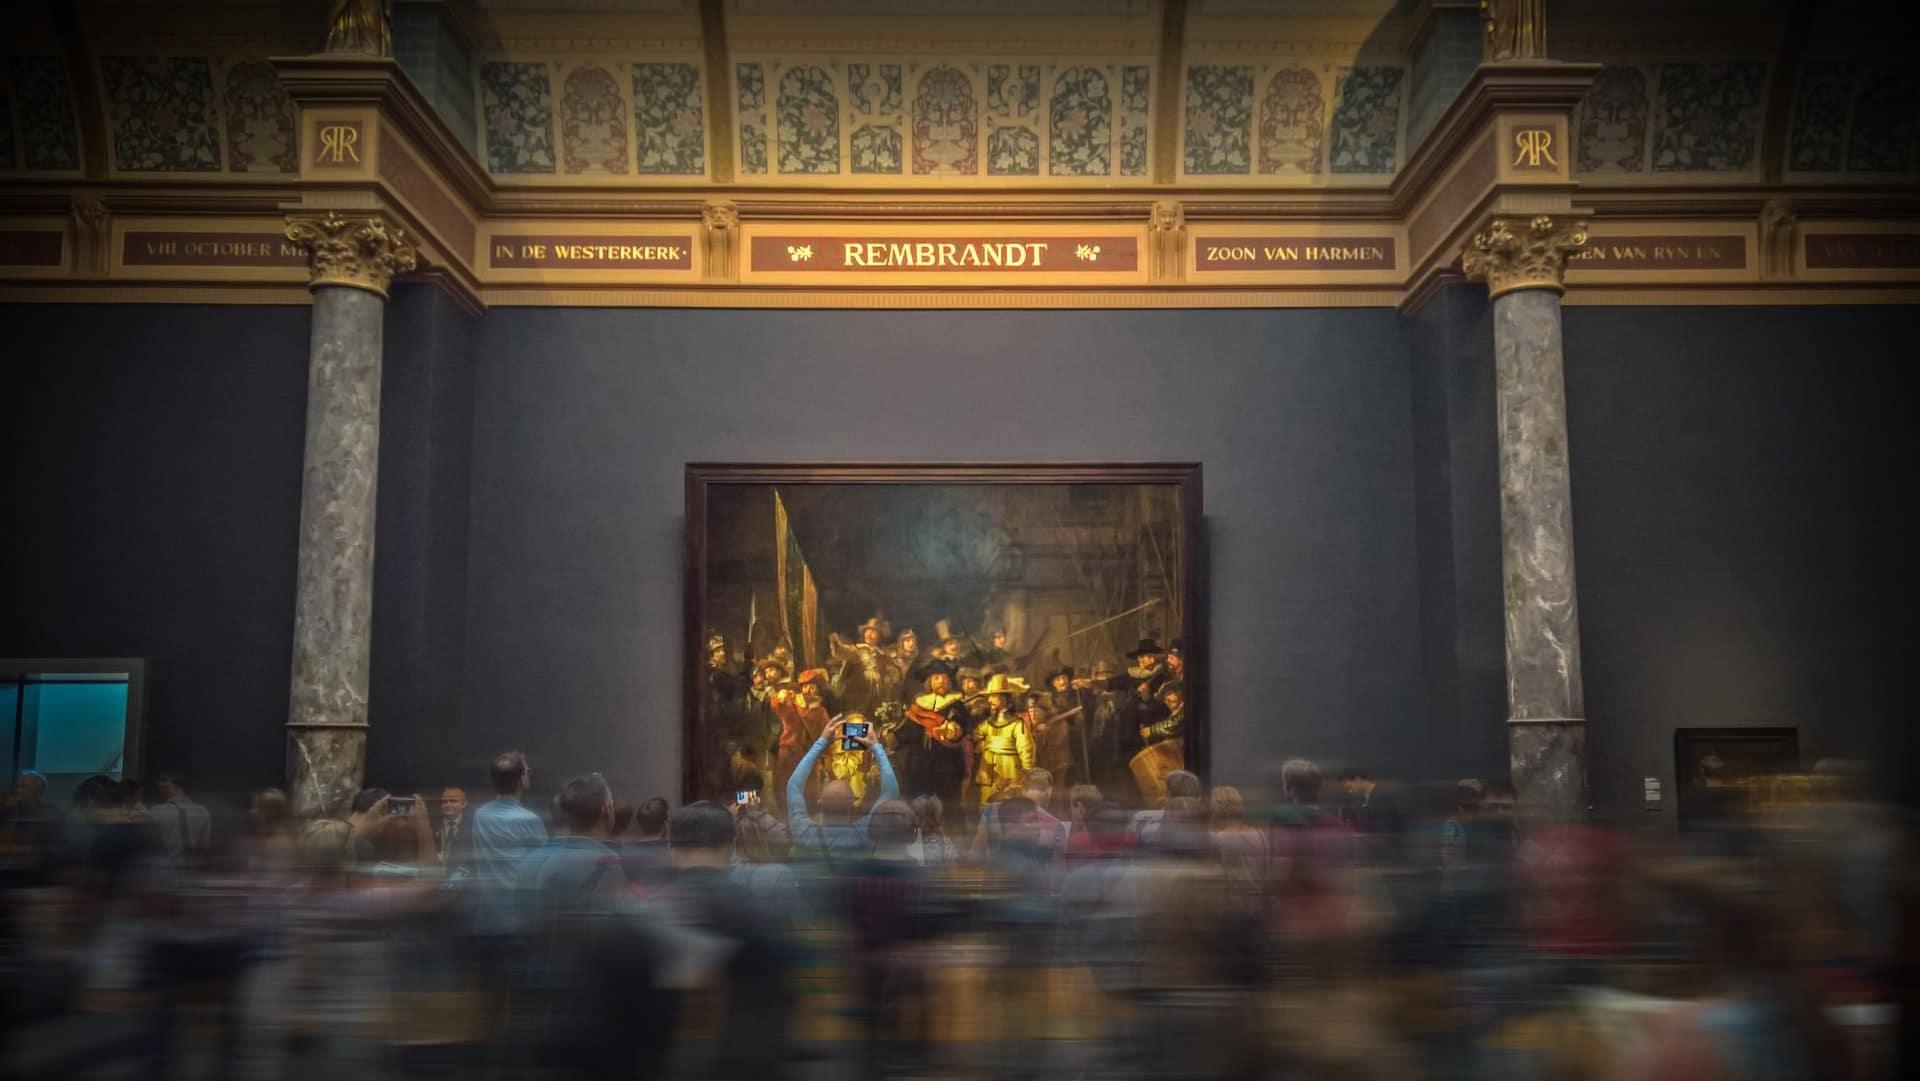 d'arts et d'histoire conférence culture en ligne